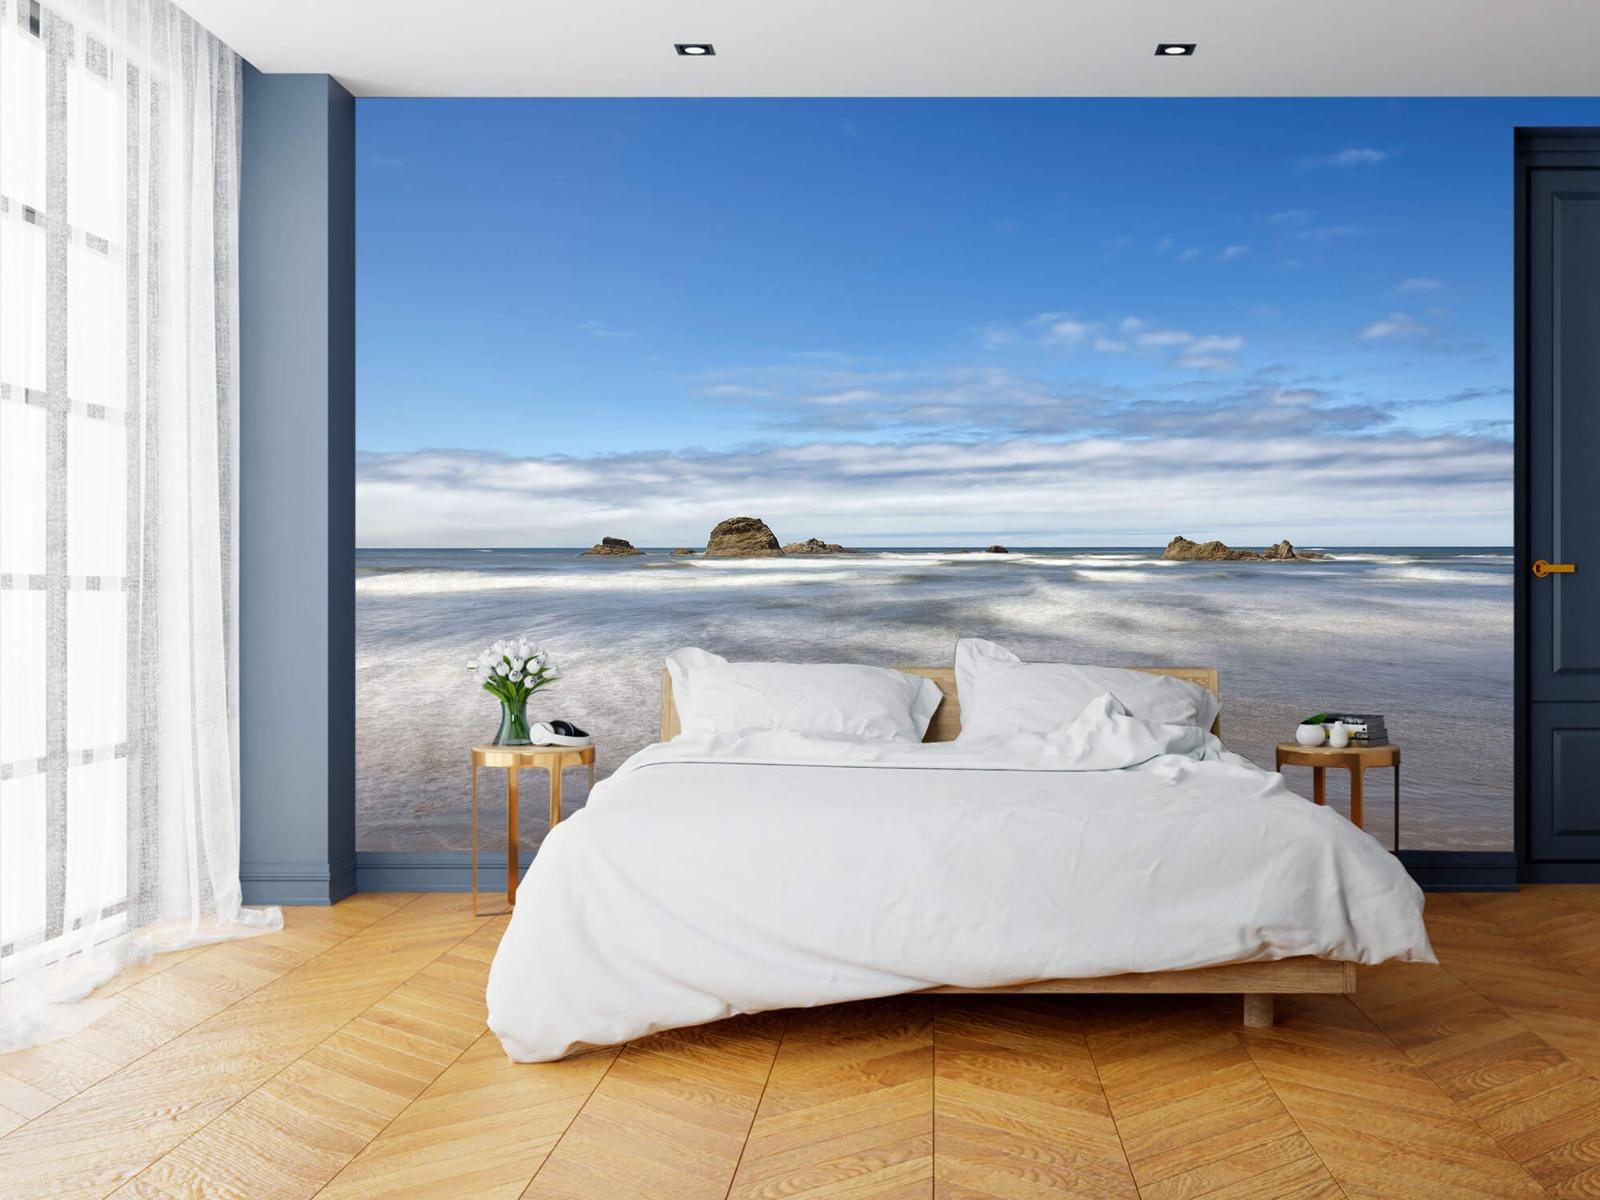 Zeeën en Oceanen - Strand met rotsen - Slaapkamer 18